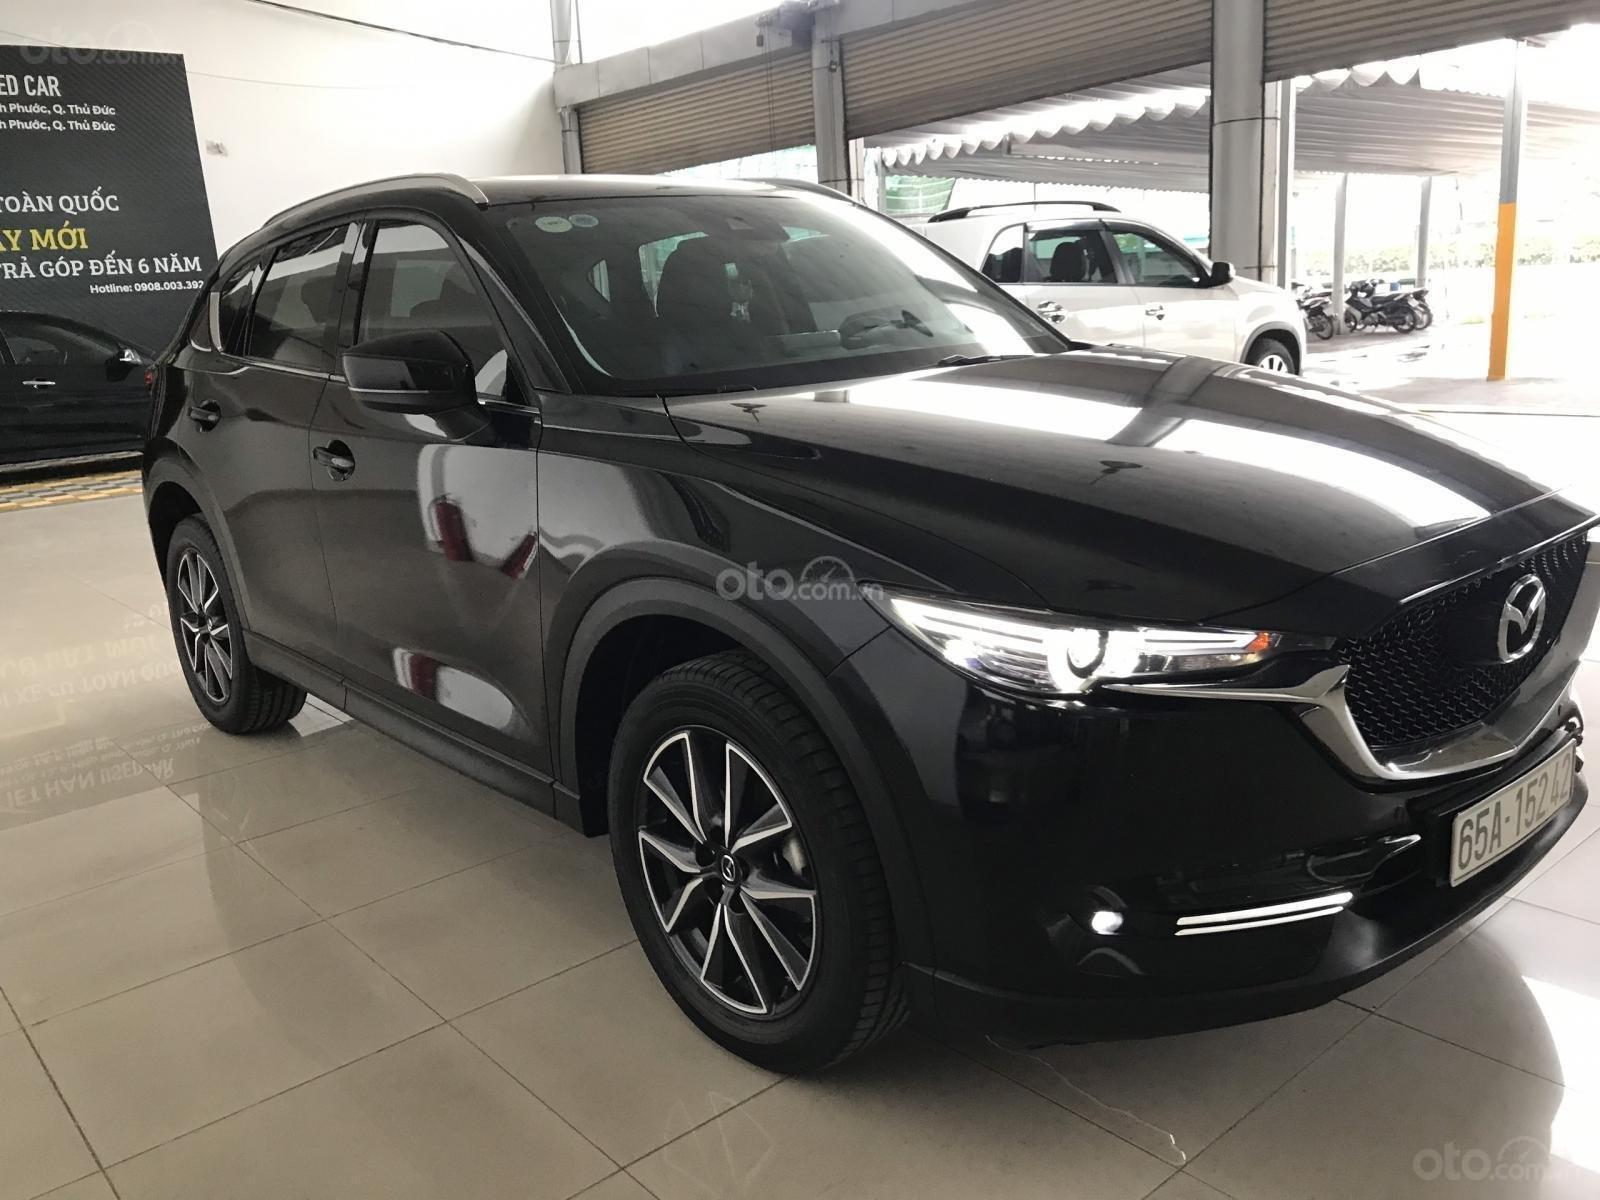 Bán xe Mazda CX5 2.5AT đời 2018, màu đen, mới 99% (1)